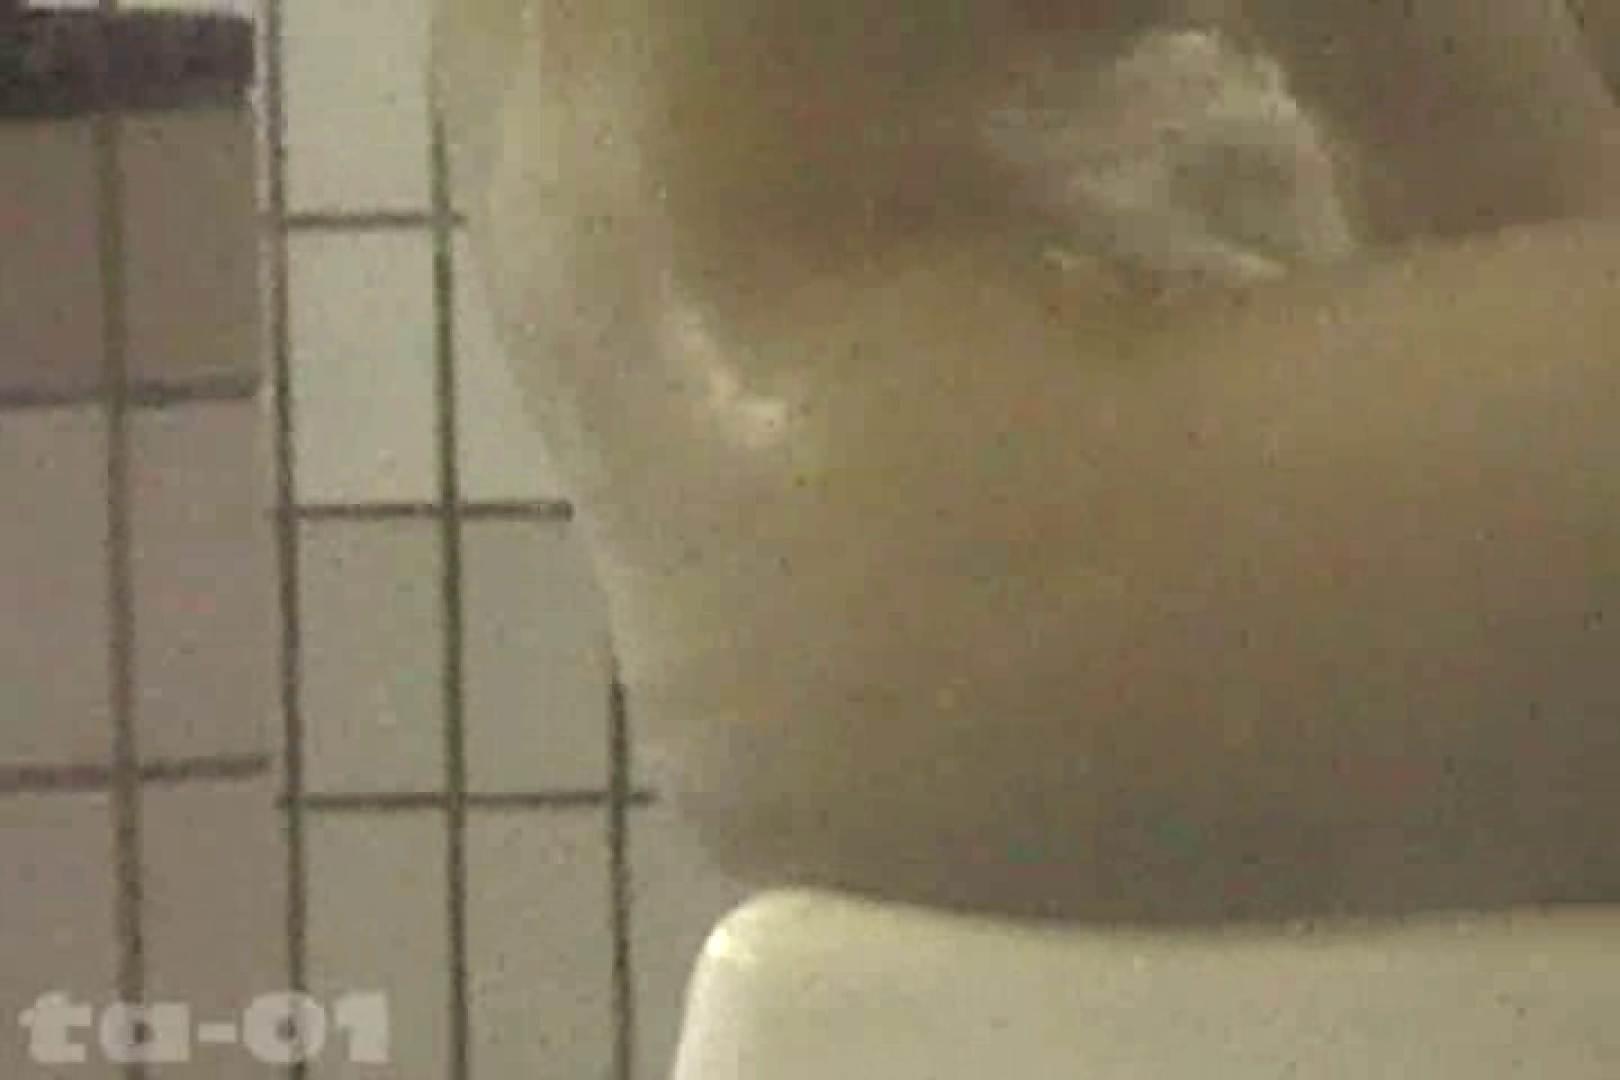 合宿ホテル女風呂盗撮高画質版 Vol.01 高画質 盗撮われめAV動画紹介 91pic 16